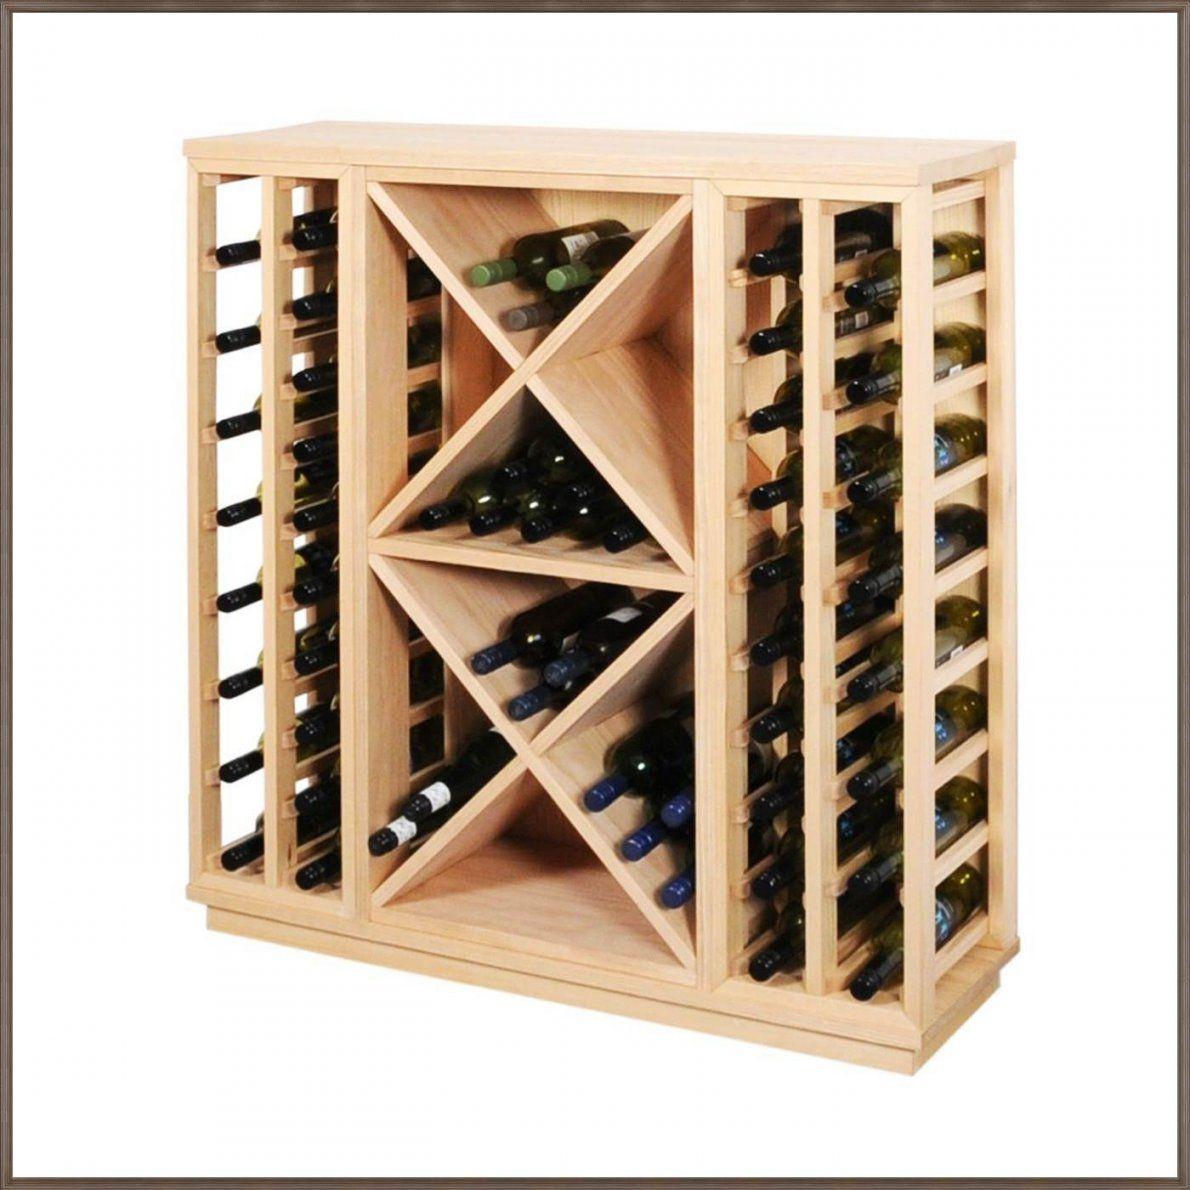 Weinregal Holz Selber Bauen Yb56 – Hitoiro von Weinregal Selber Bauen Einfach Bild